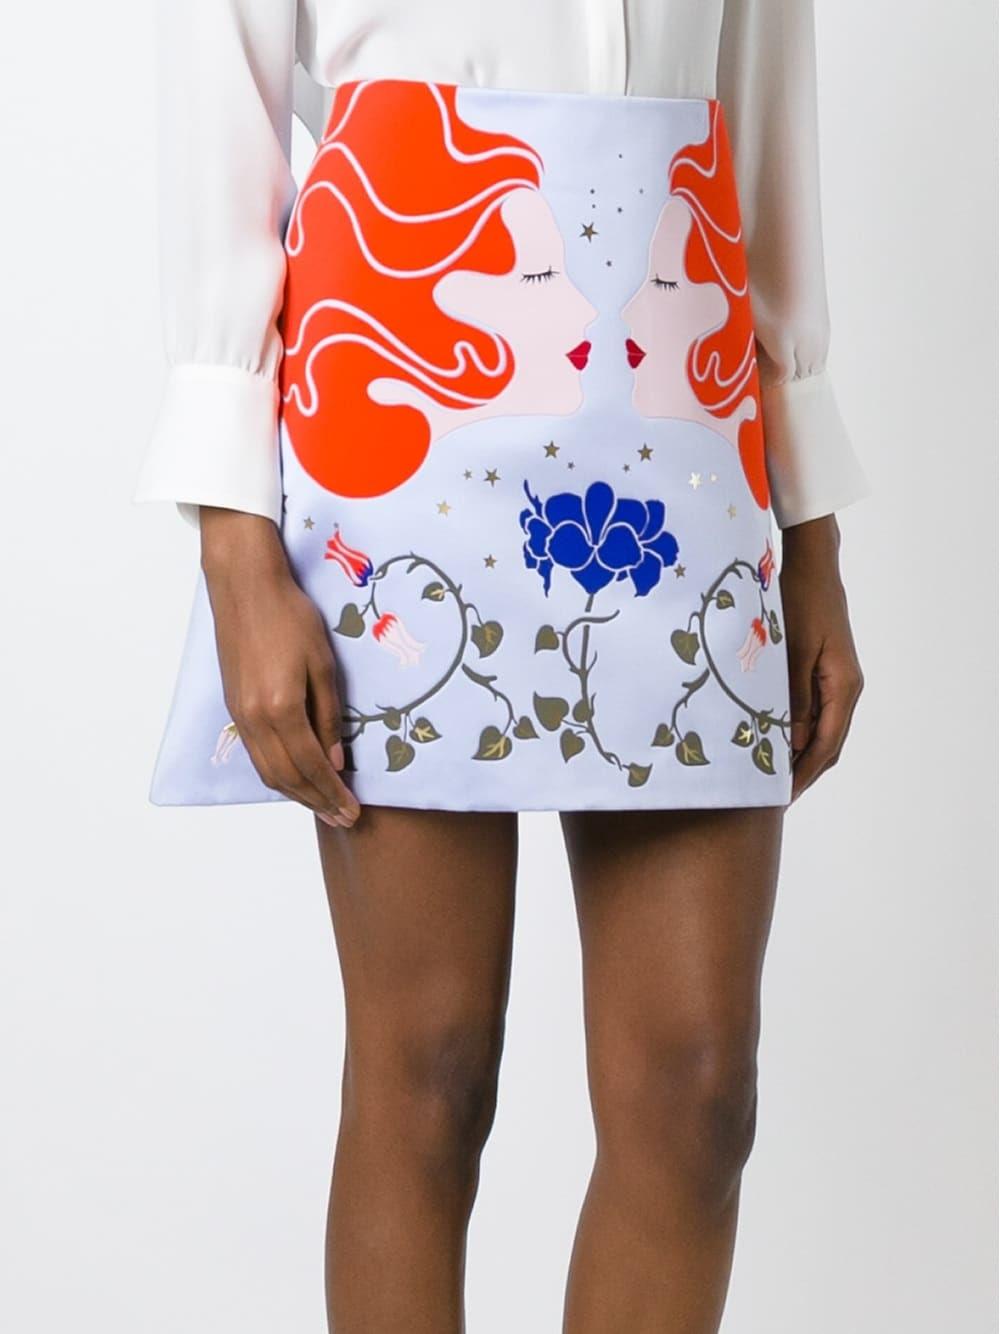 Vivetta appliqué portrait skirt